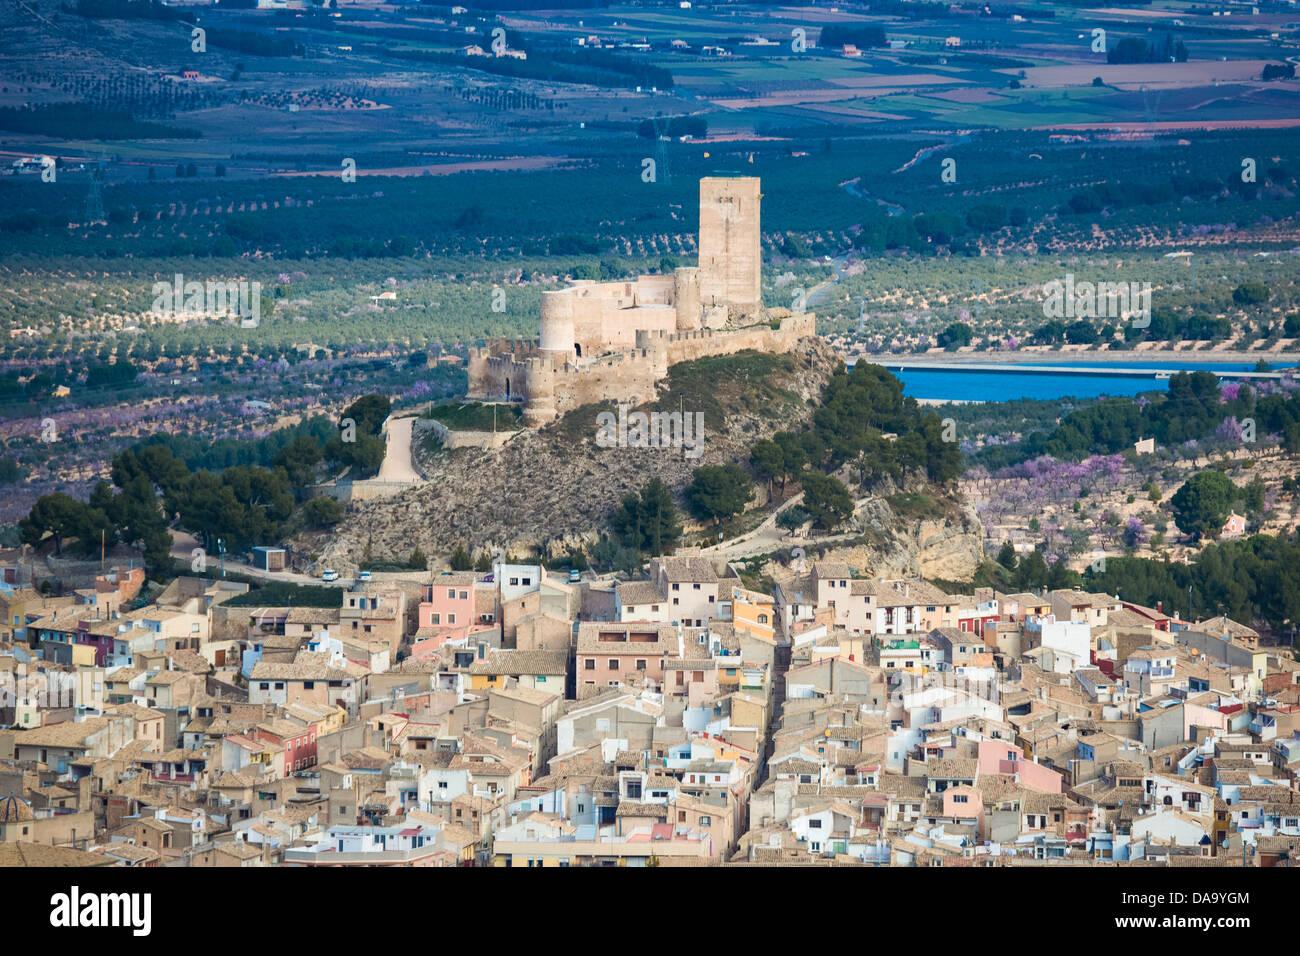 Spanien, Europa, Valencia, Architektur, Gebäude, Burg, Hügel, historisch, Geschichte, Pueblo, Skyline, Stockbild